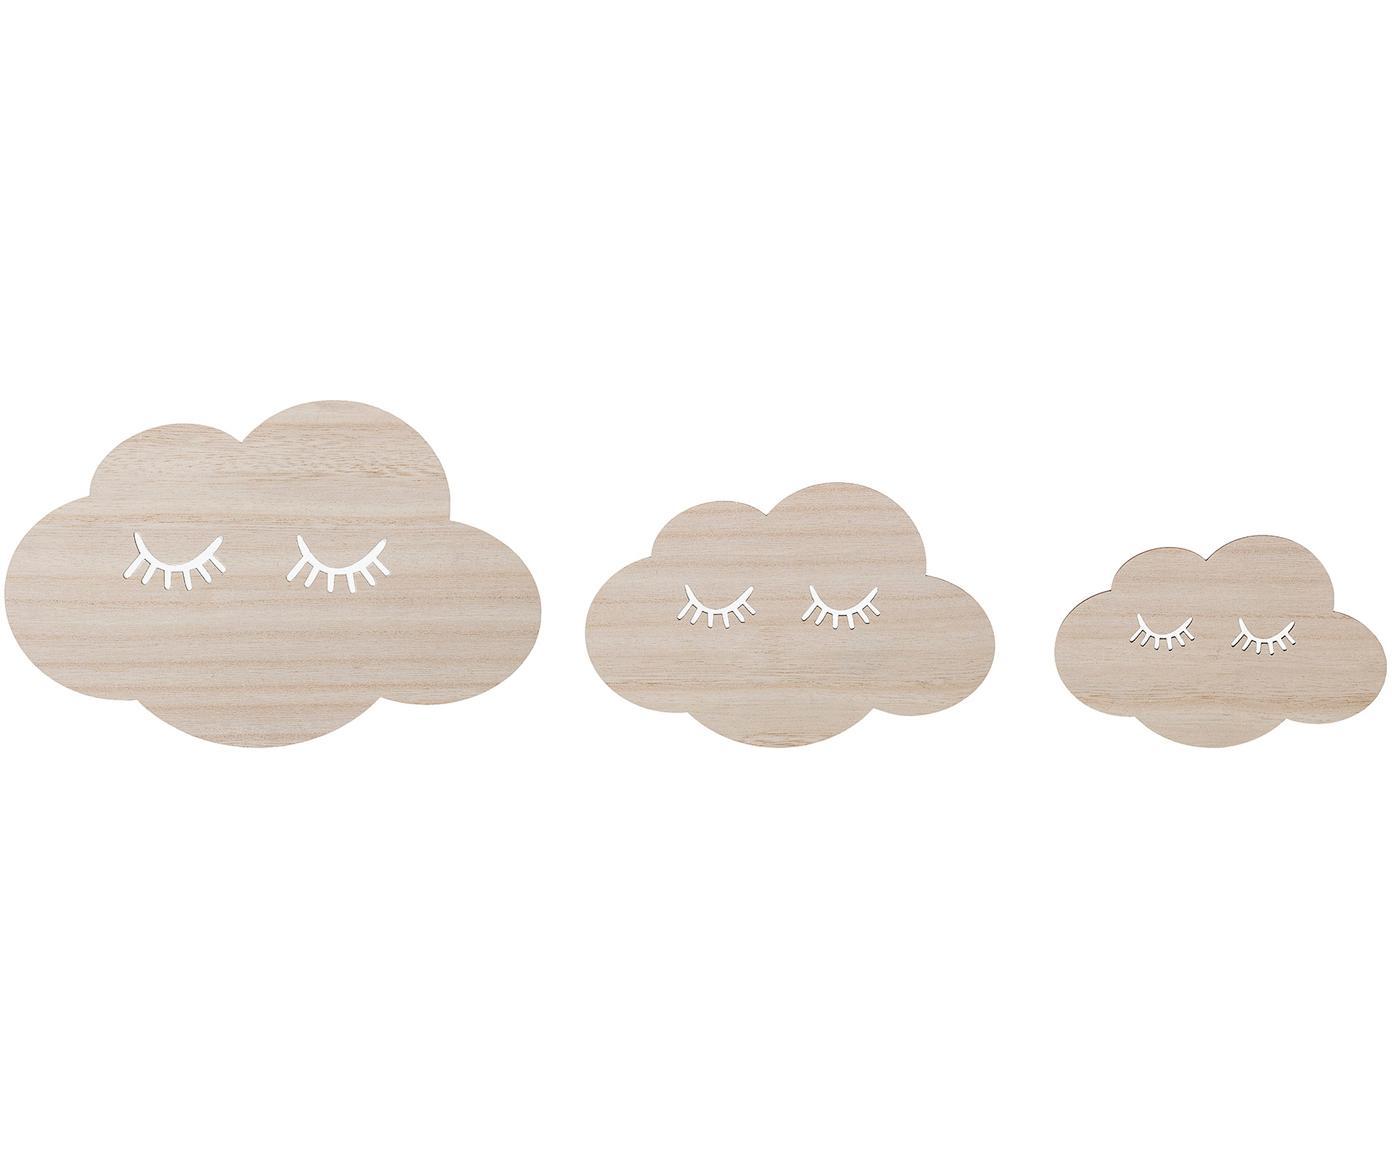 Wandobjekte-Set Clouds, 3-tlg., Sperrholz, Beige, Verschiedene Grössen